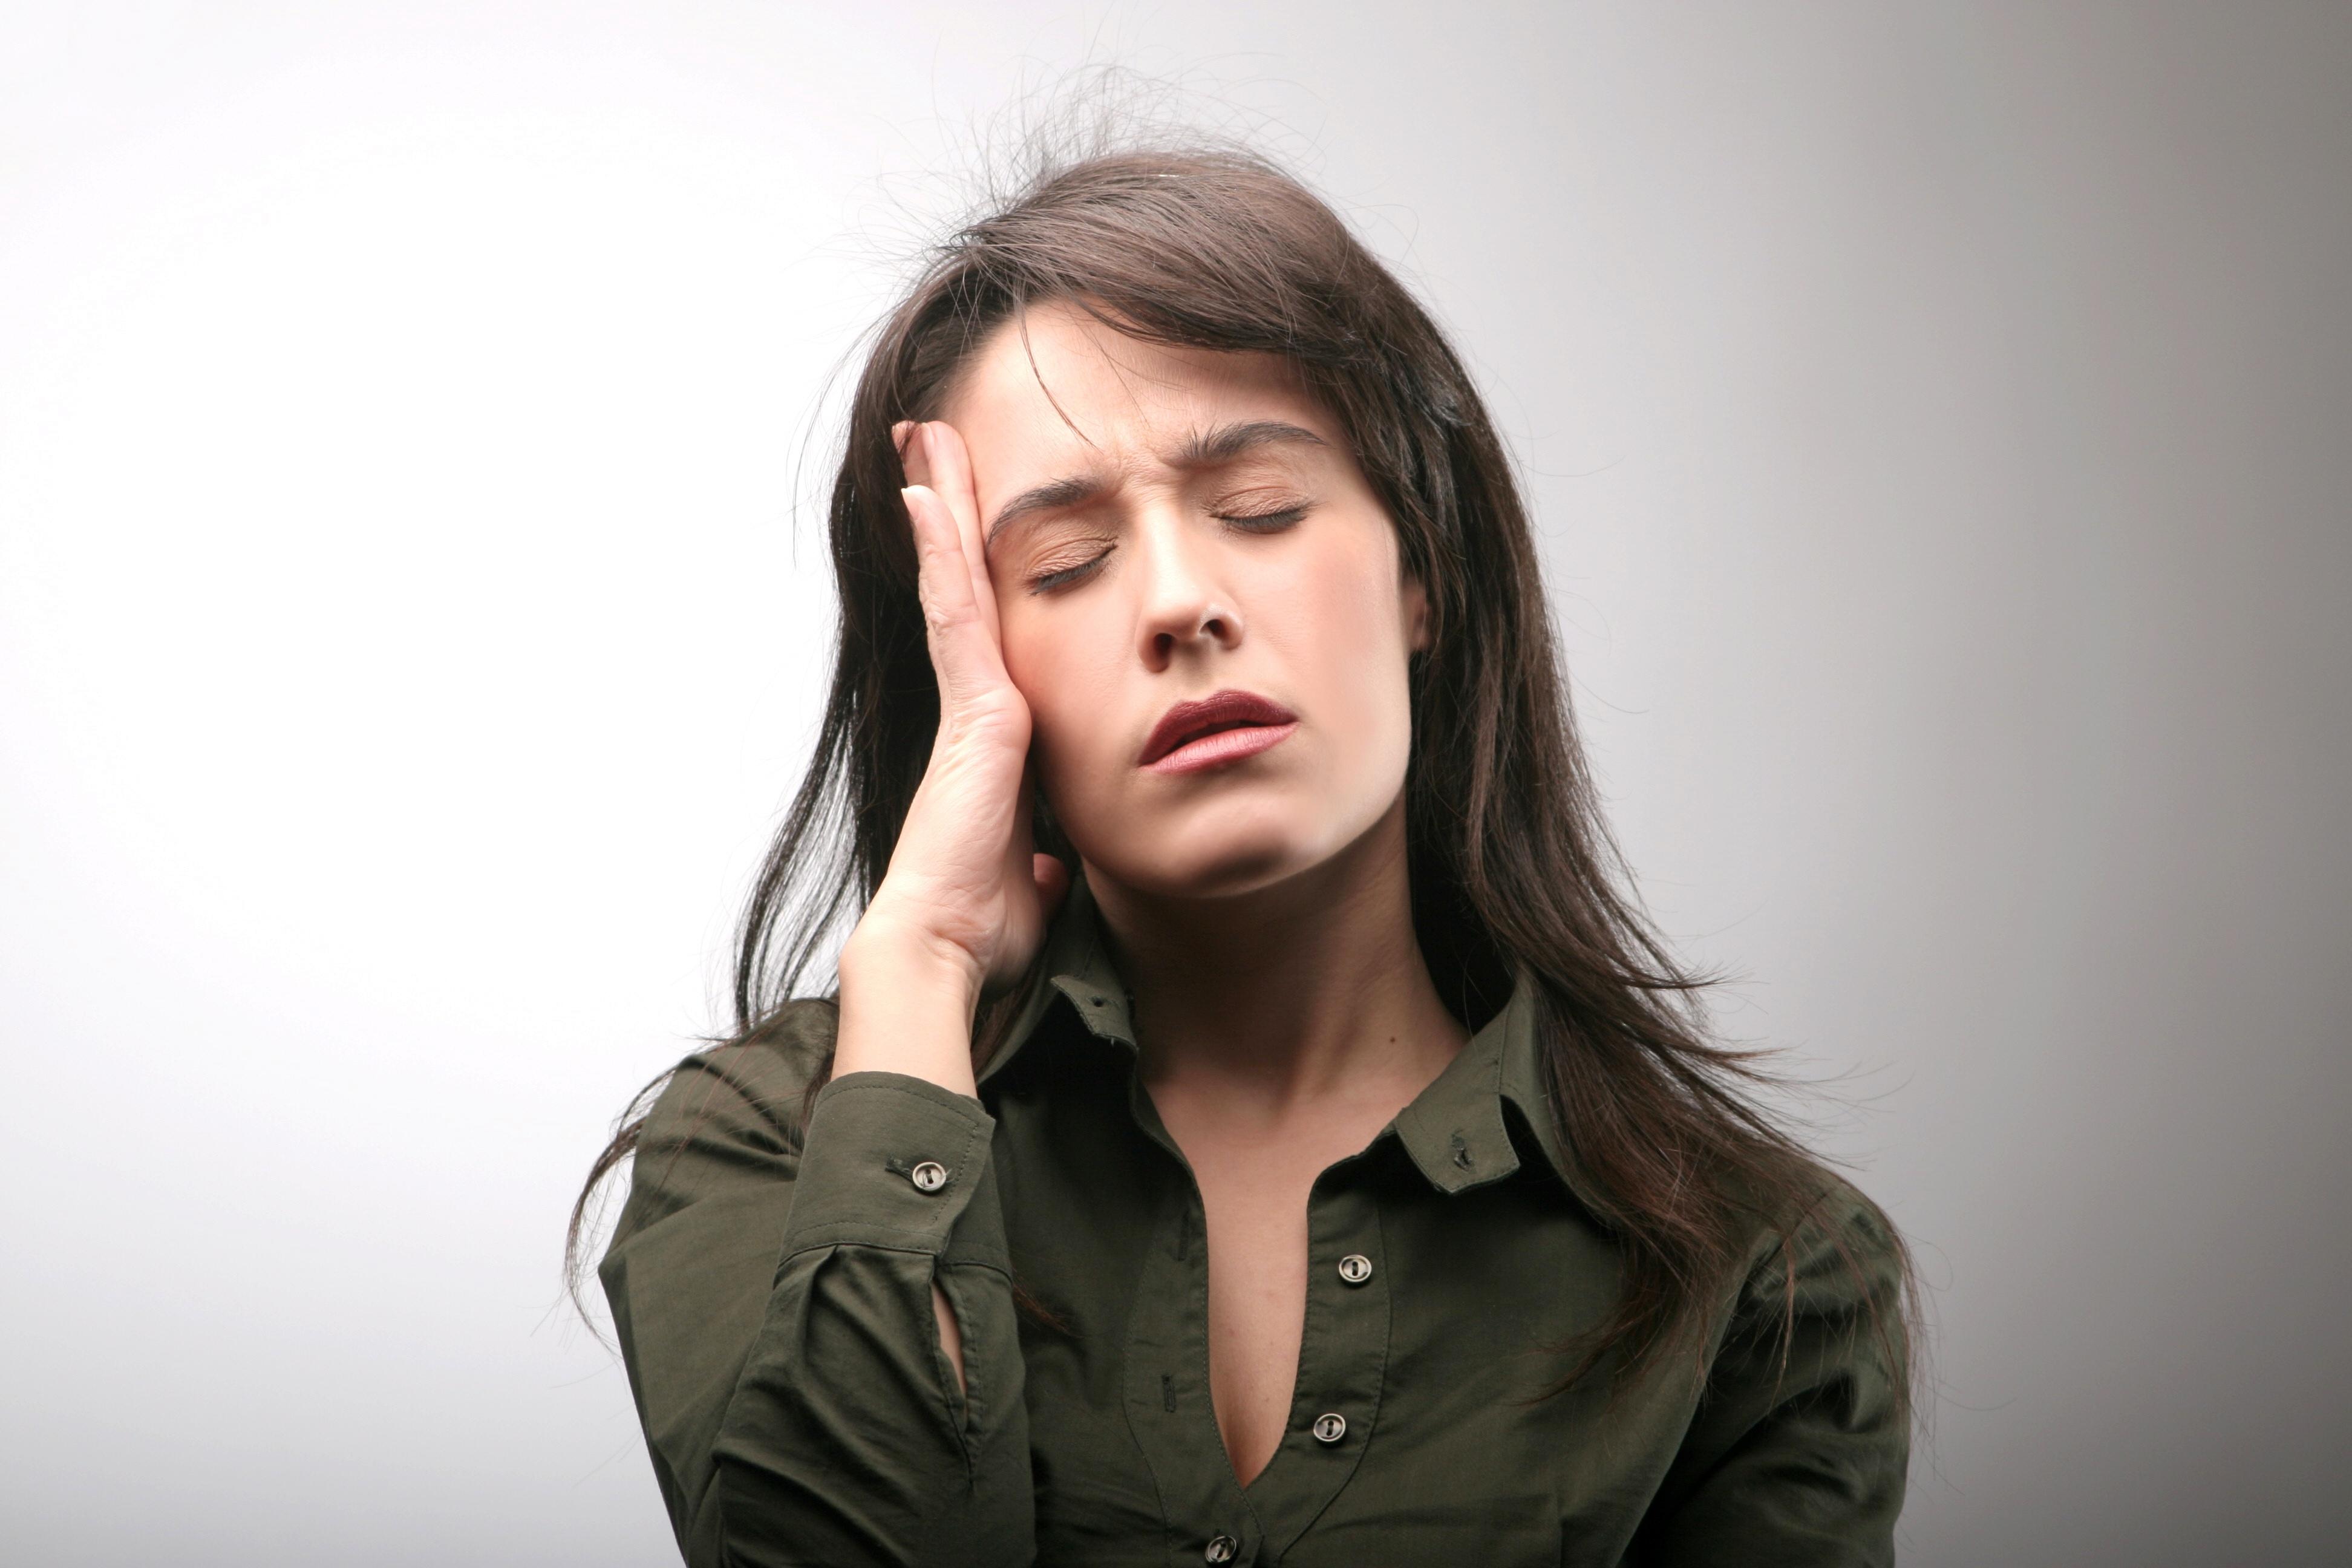 Пульсирующий шум в правом ухе: возможные заболевания, лечение и осложнения